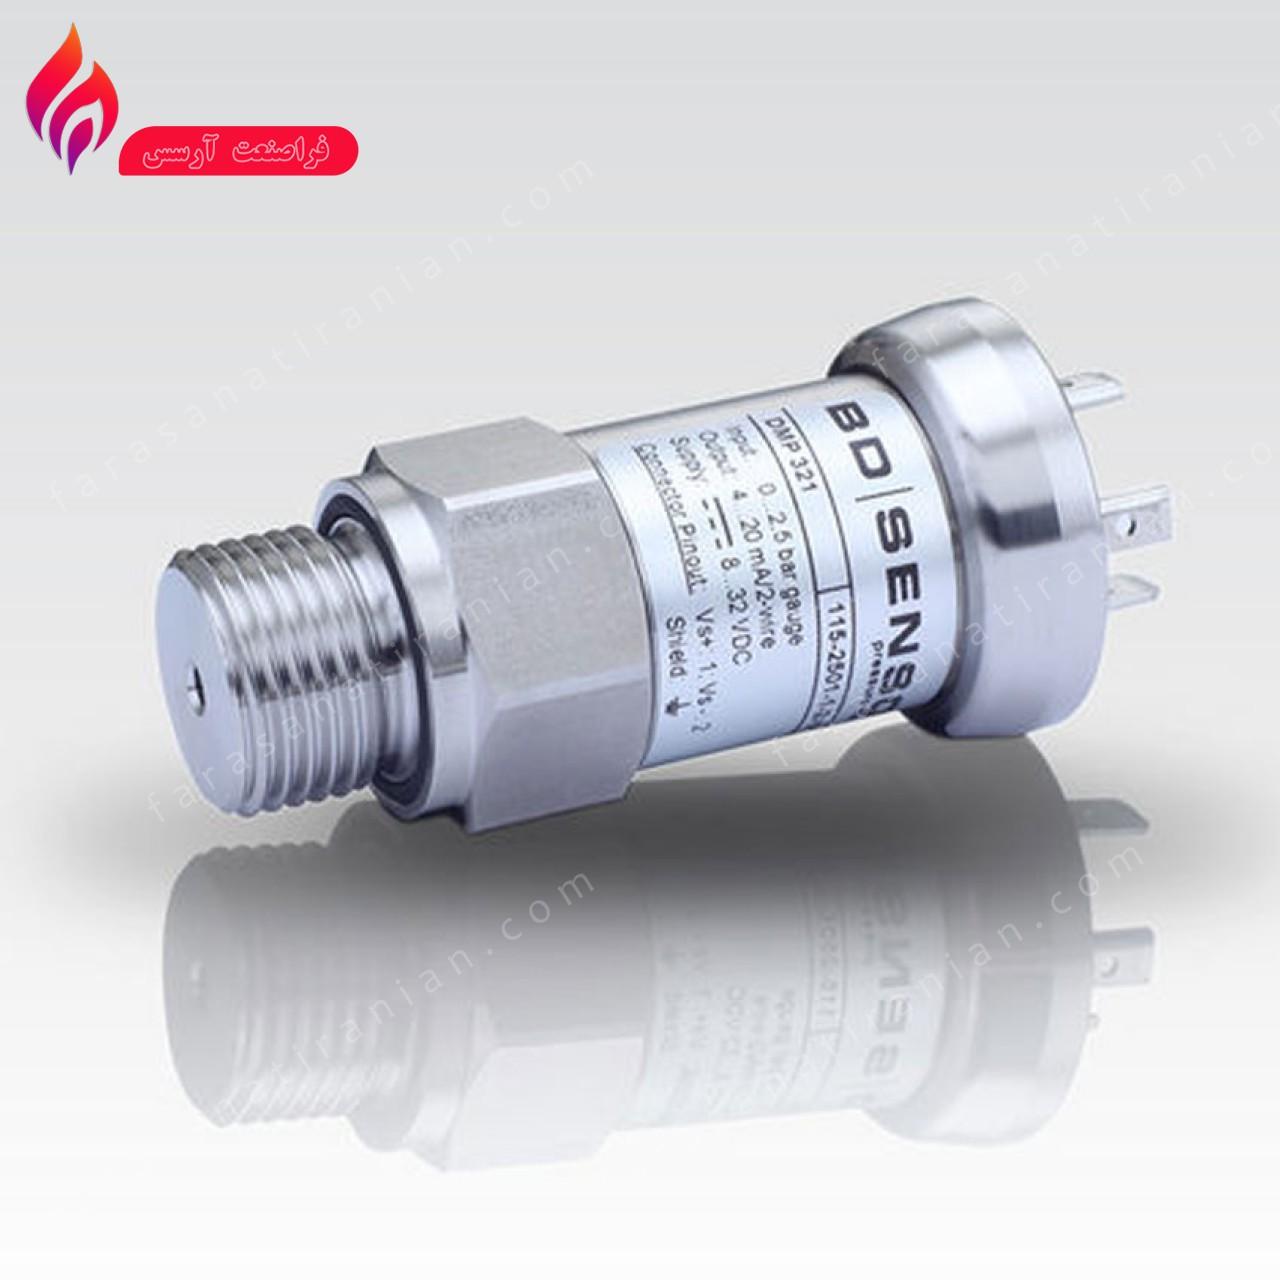 ترانسمیتر فشار بی دی سنسورز  DMP 321